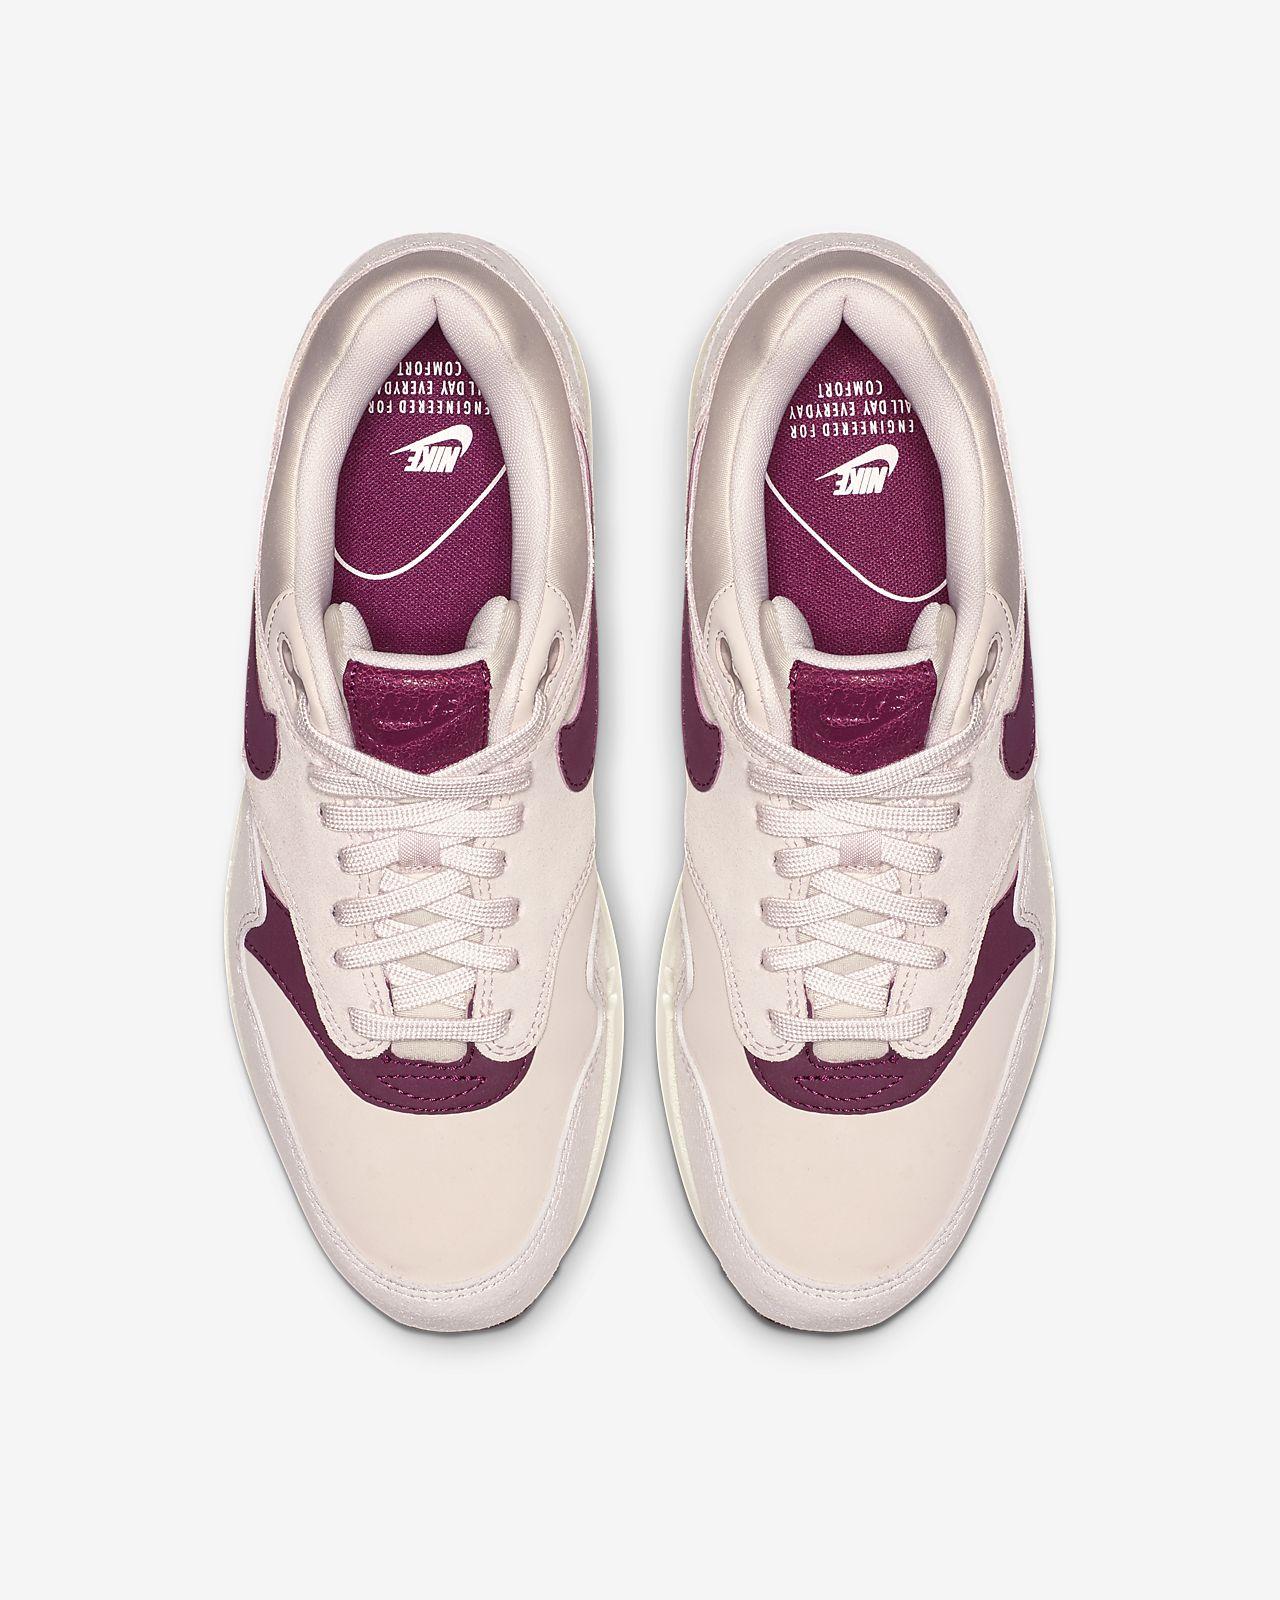 meet 1f843 7cb64 ... Chaussure Nike Air Max 1 Premium pour Femme